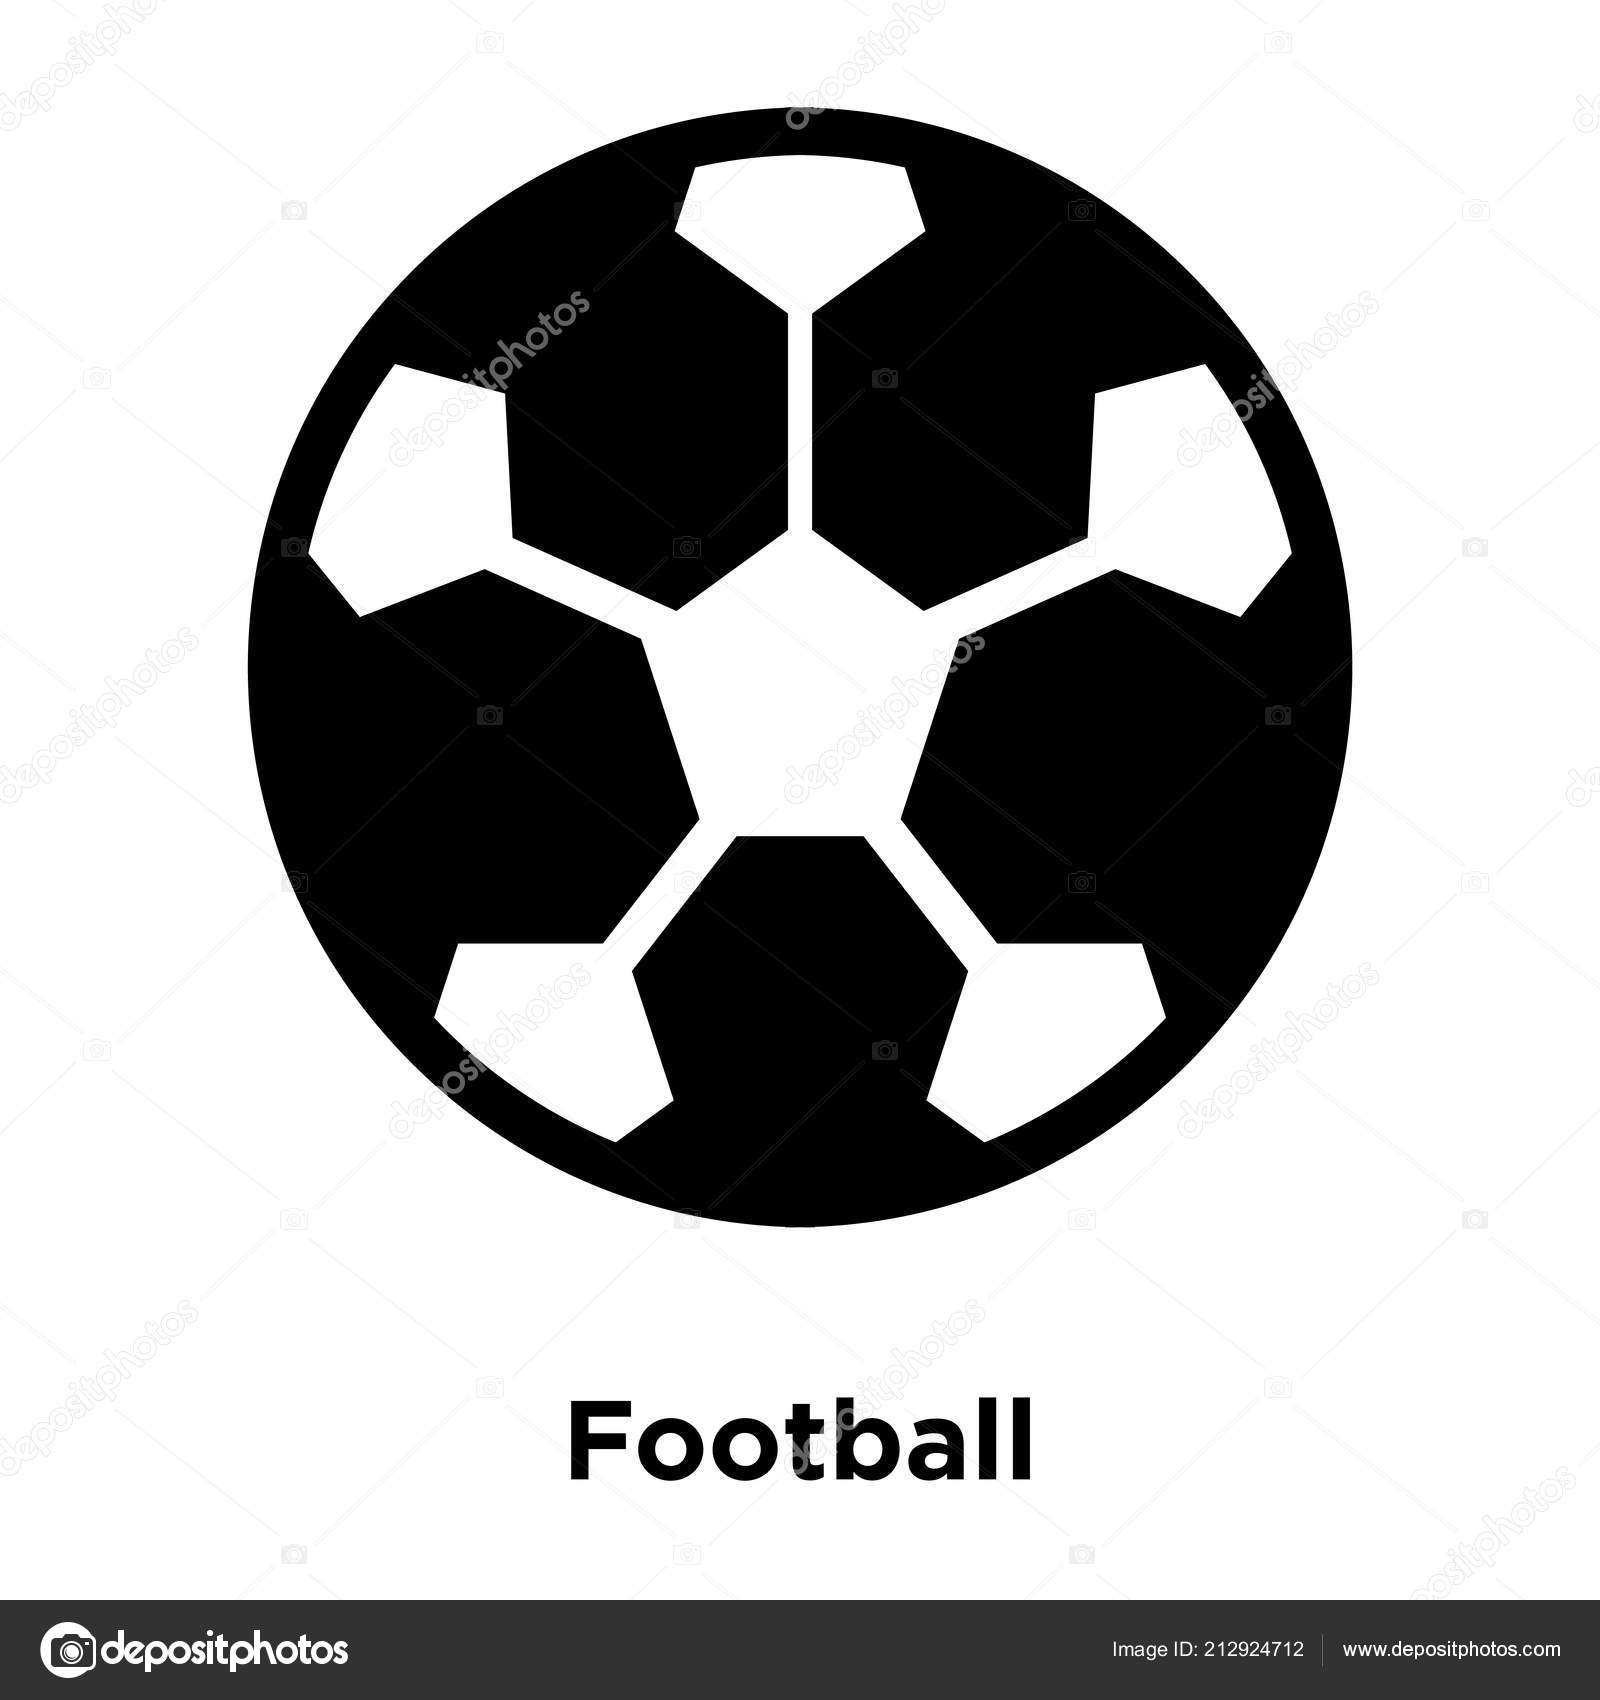 Fussball Ikone Vektor Isoliert Auf Weissem Hintergrund